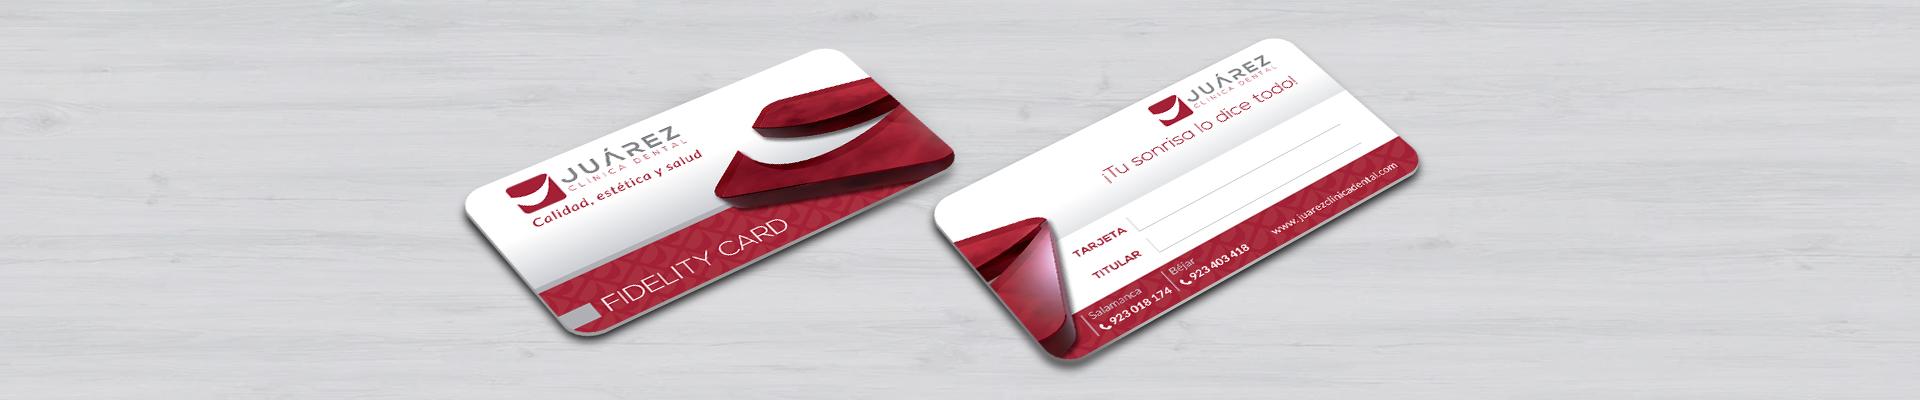 Juarez-Fidelity-Card